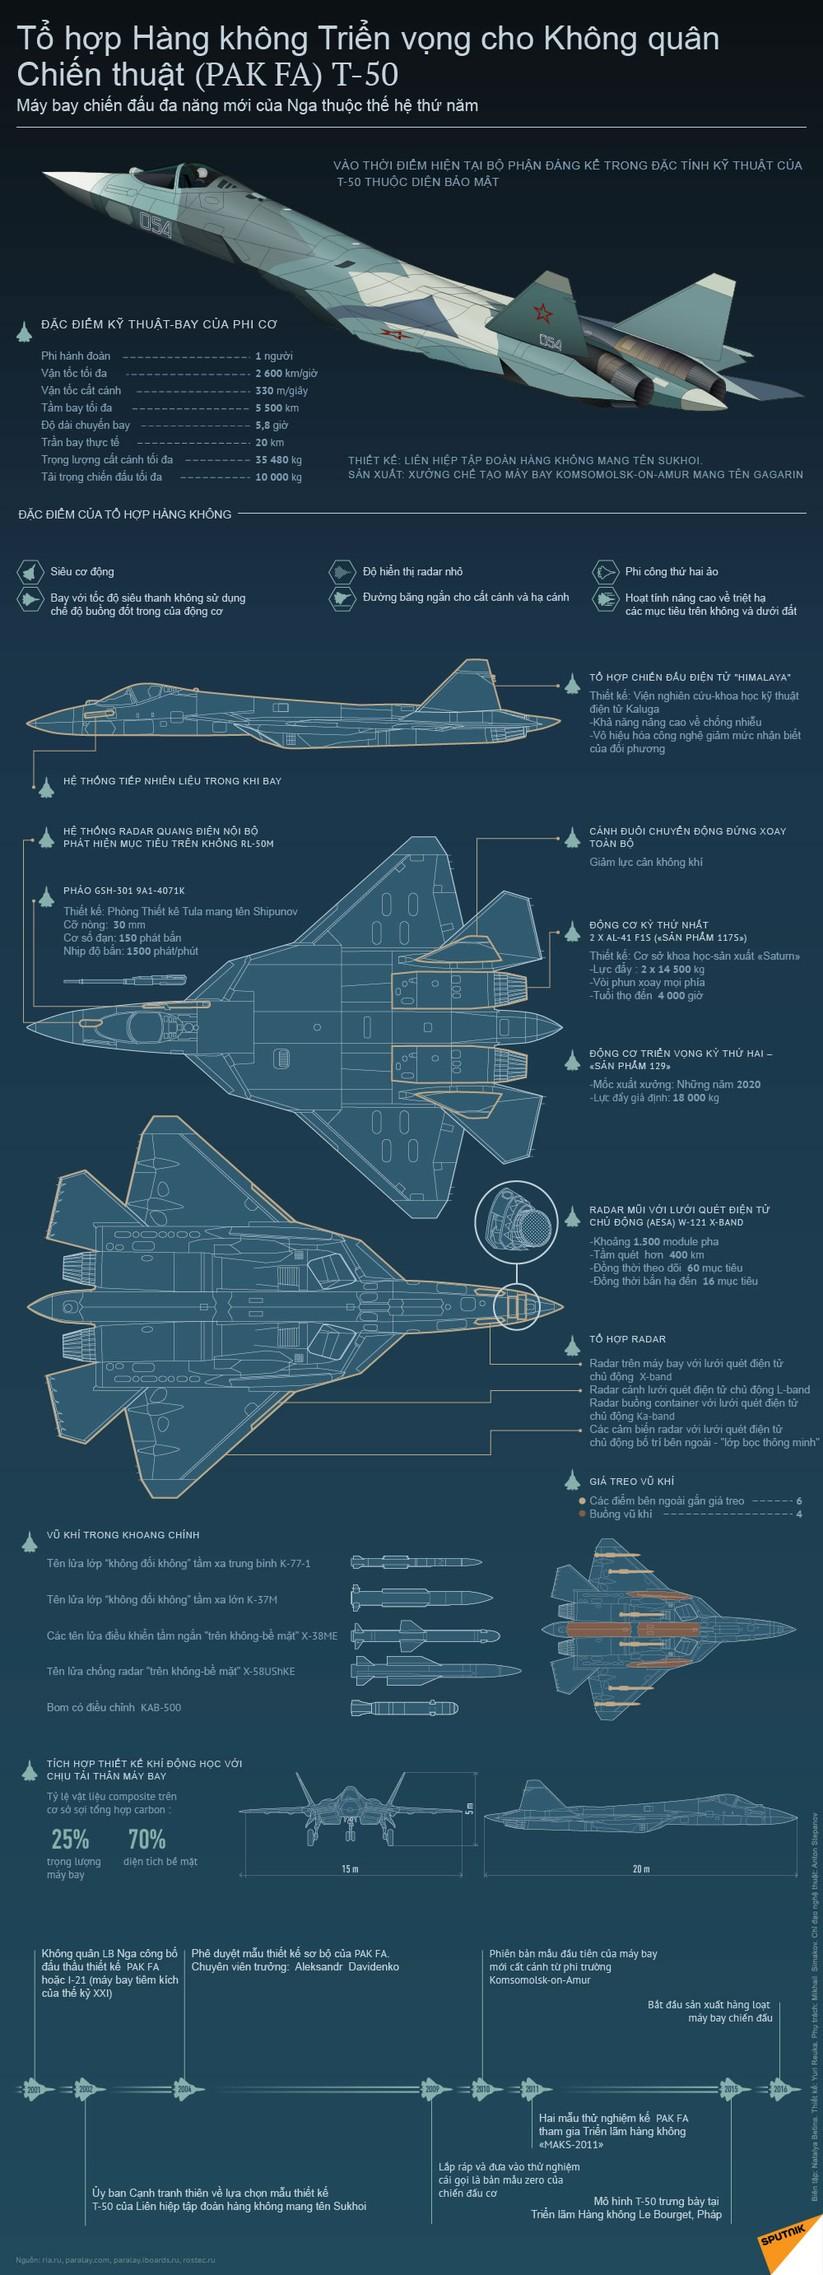 Siêu tiêm kích tàng hình T-50 - mãnh điểu bầu trời của không quân Nga ảnh 1